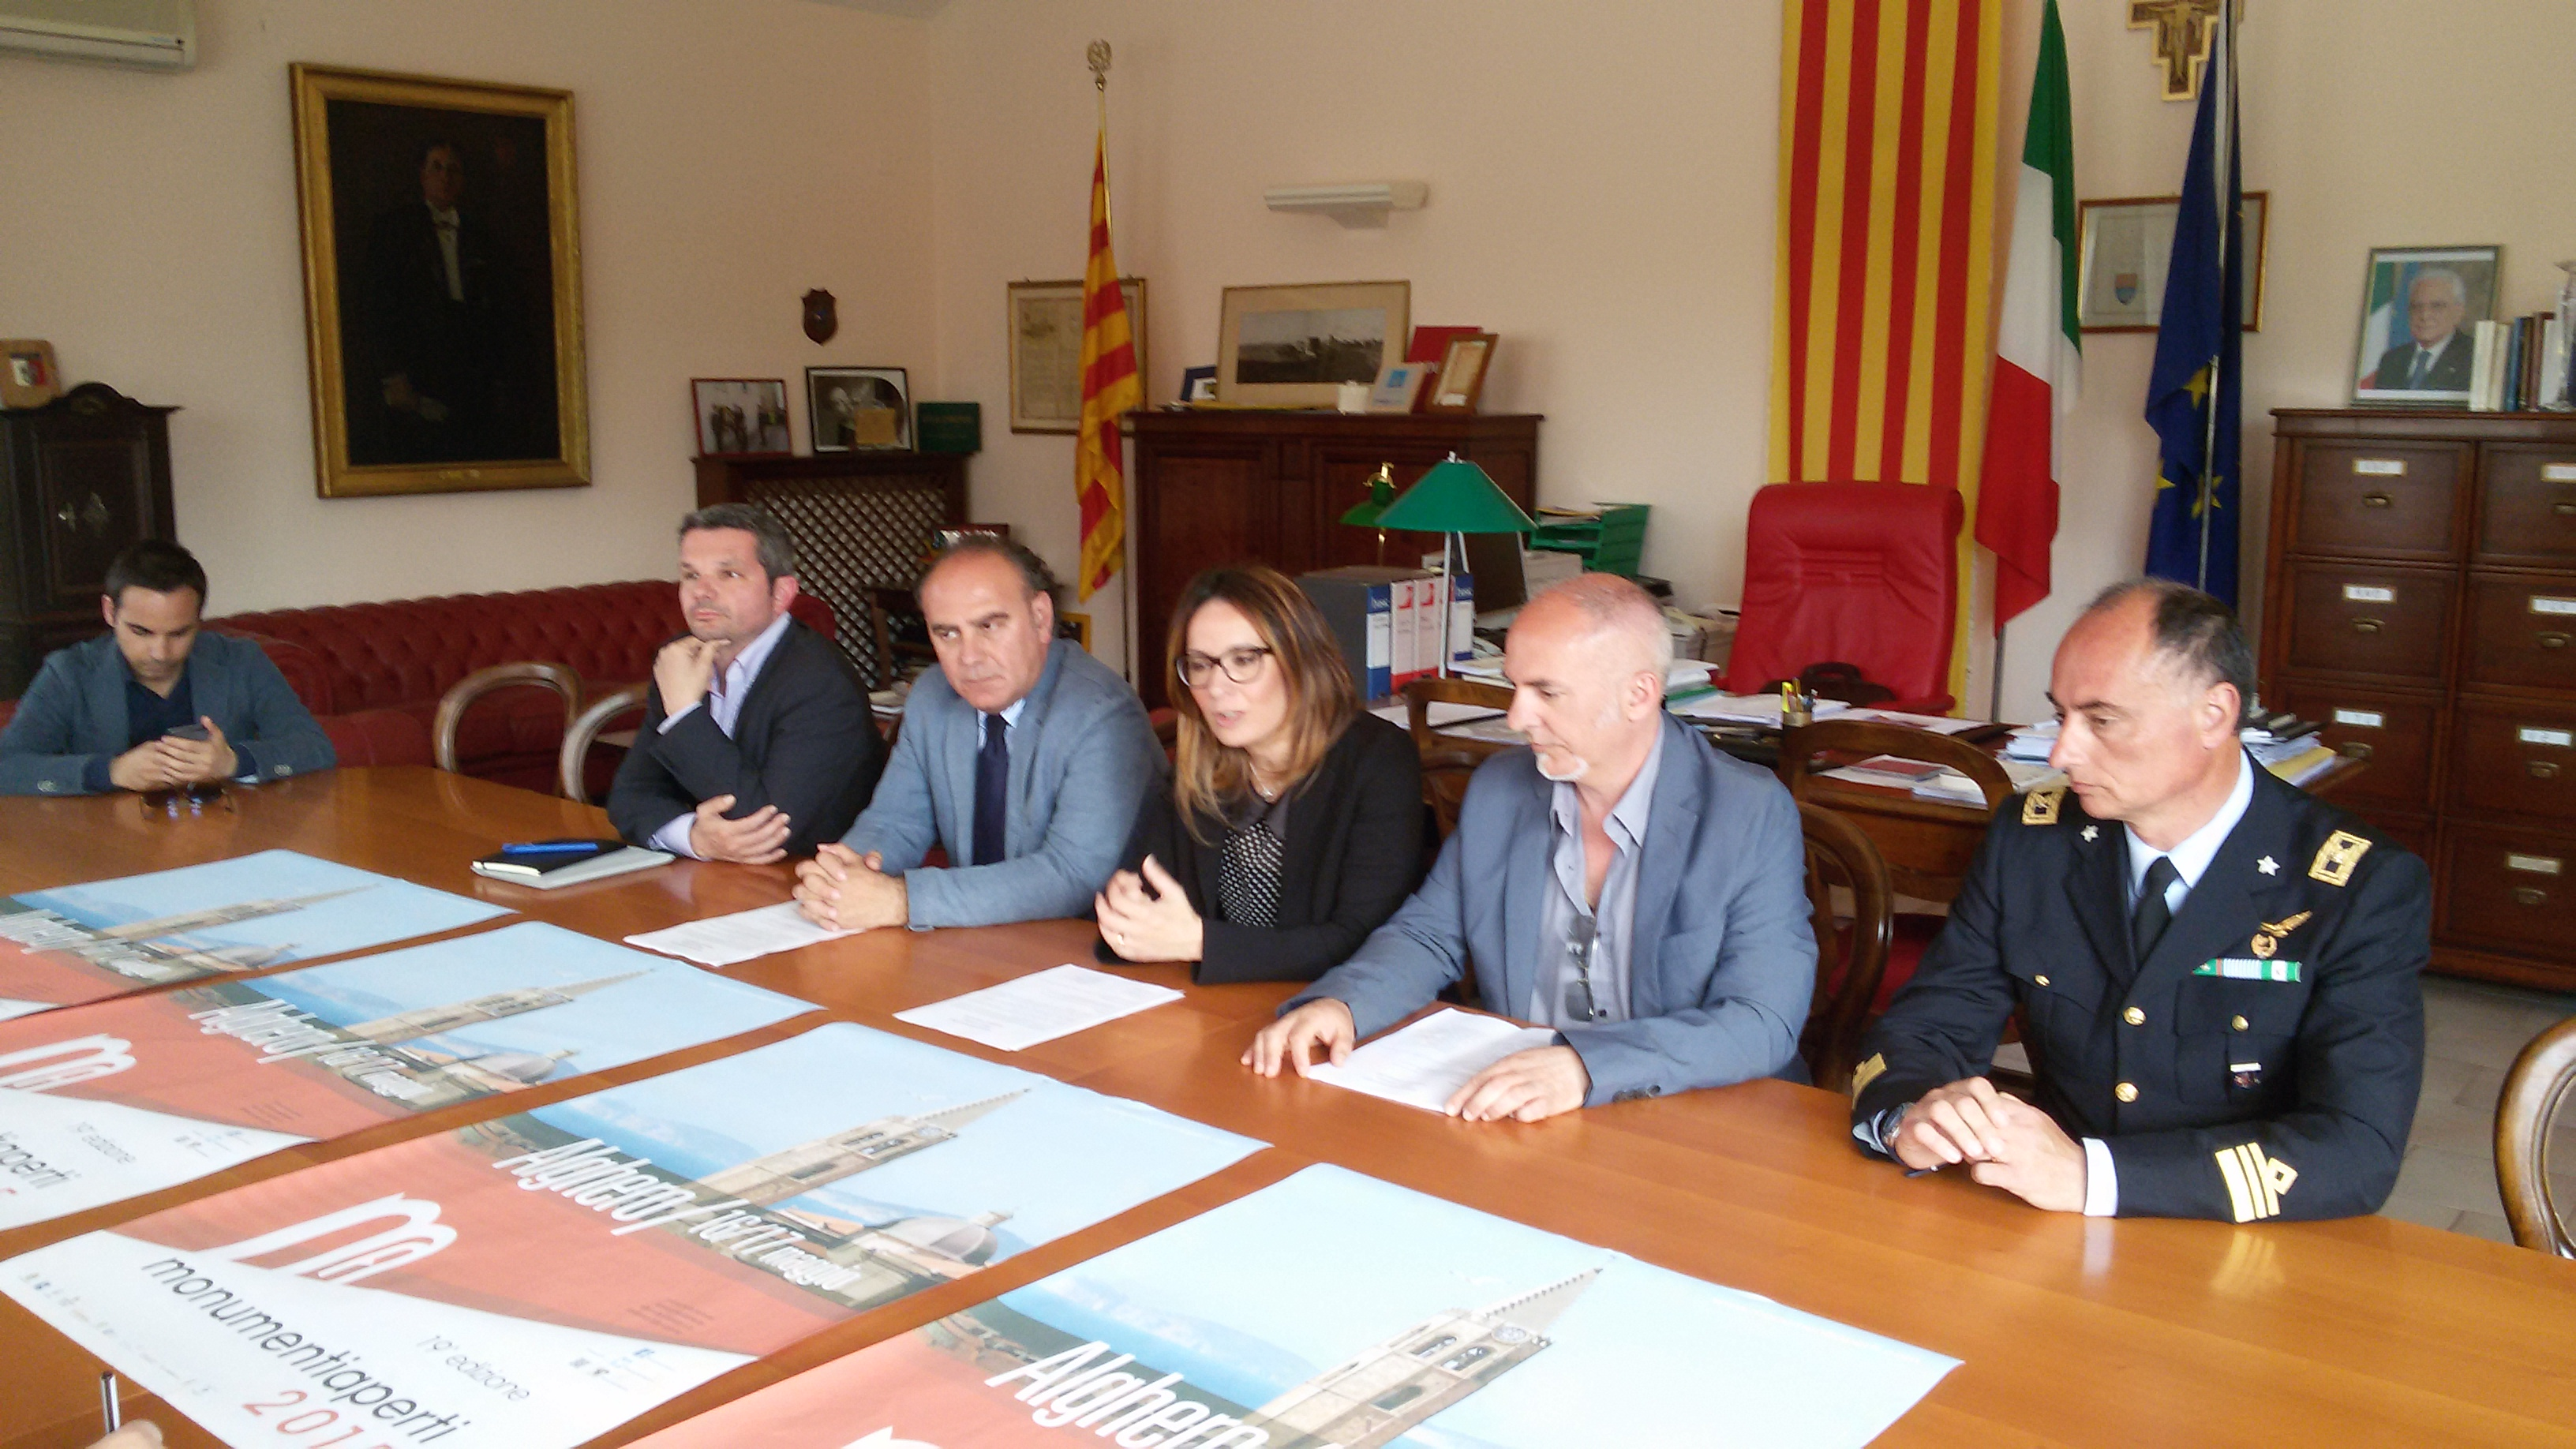 Alghero Monumenti Aperti Sabato 16 e Domenica 17 maggio 2015.